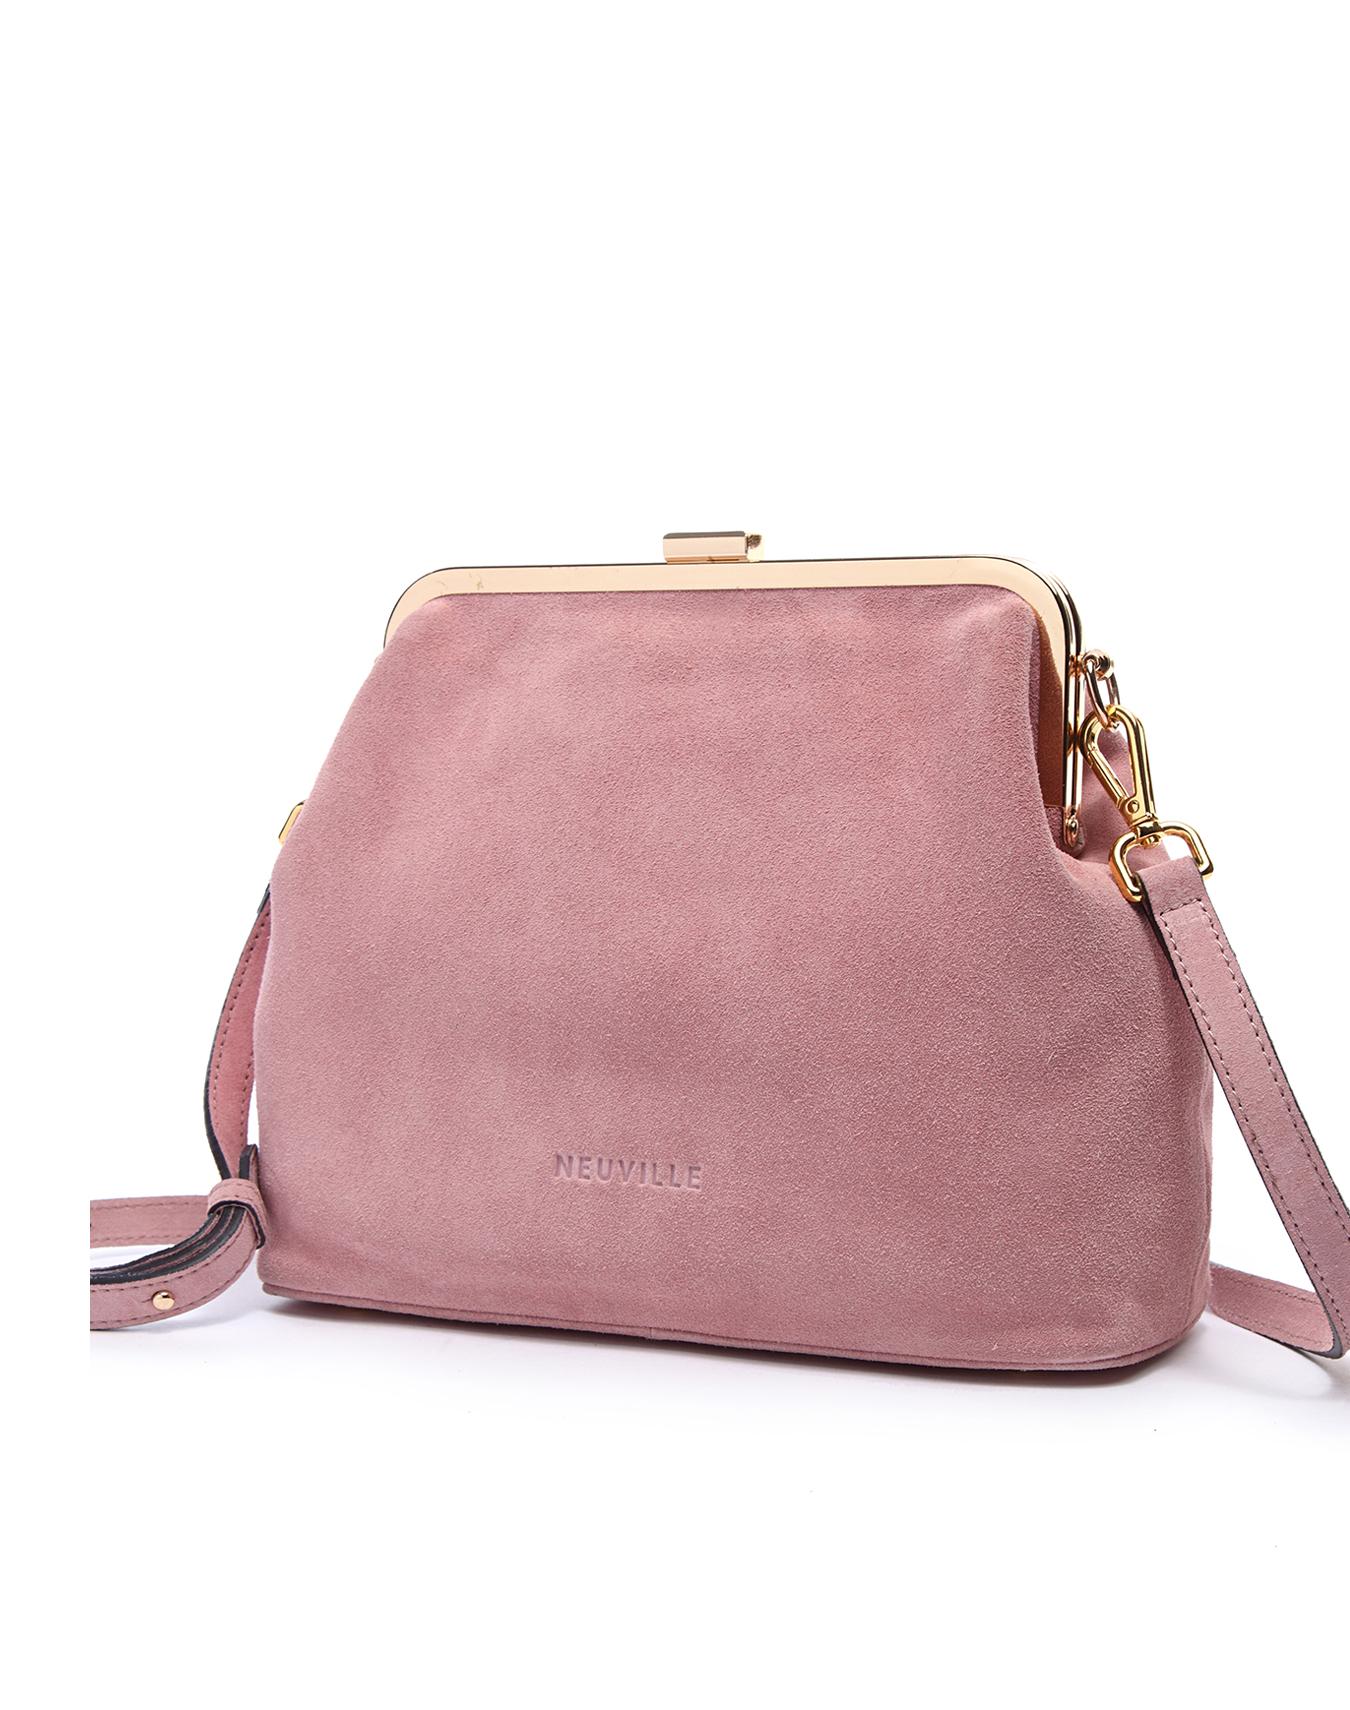 Sac rose de la marque Neuville Bags, modèle Clip.